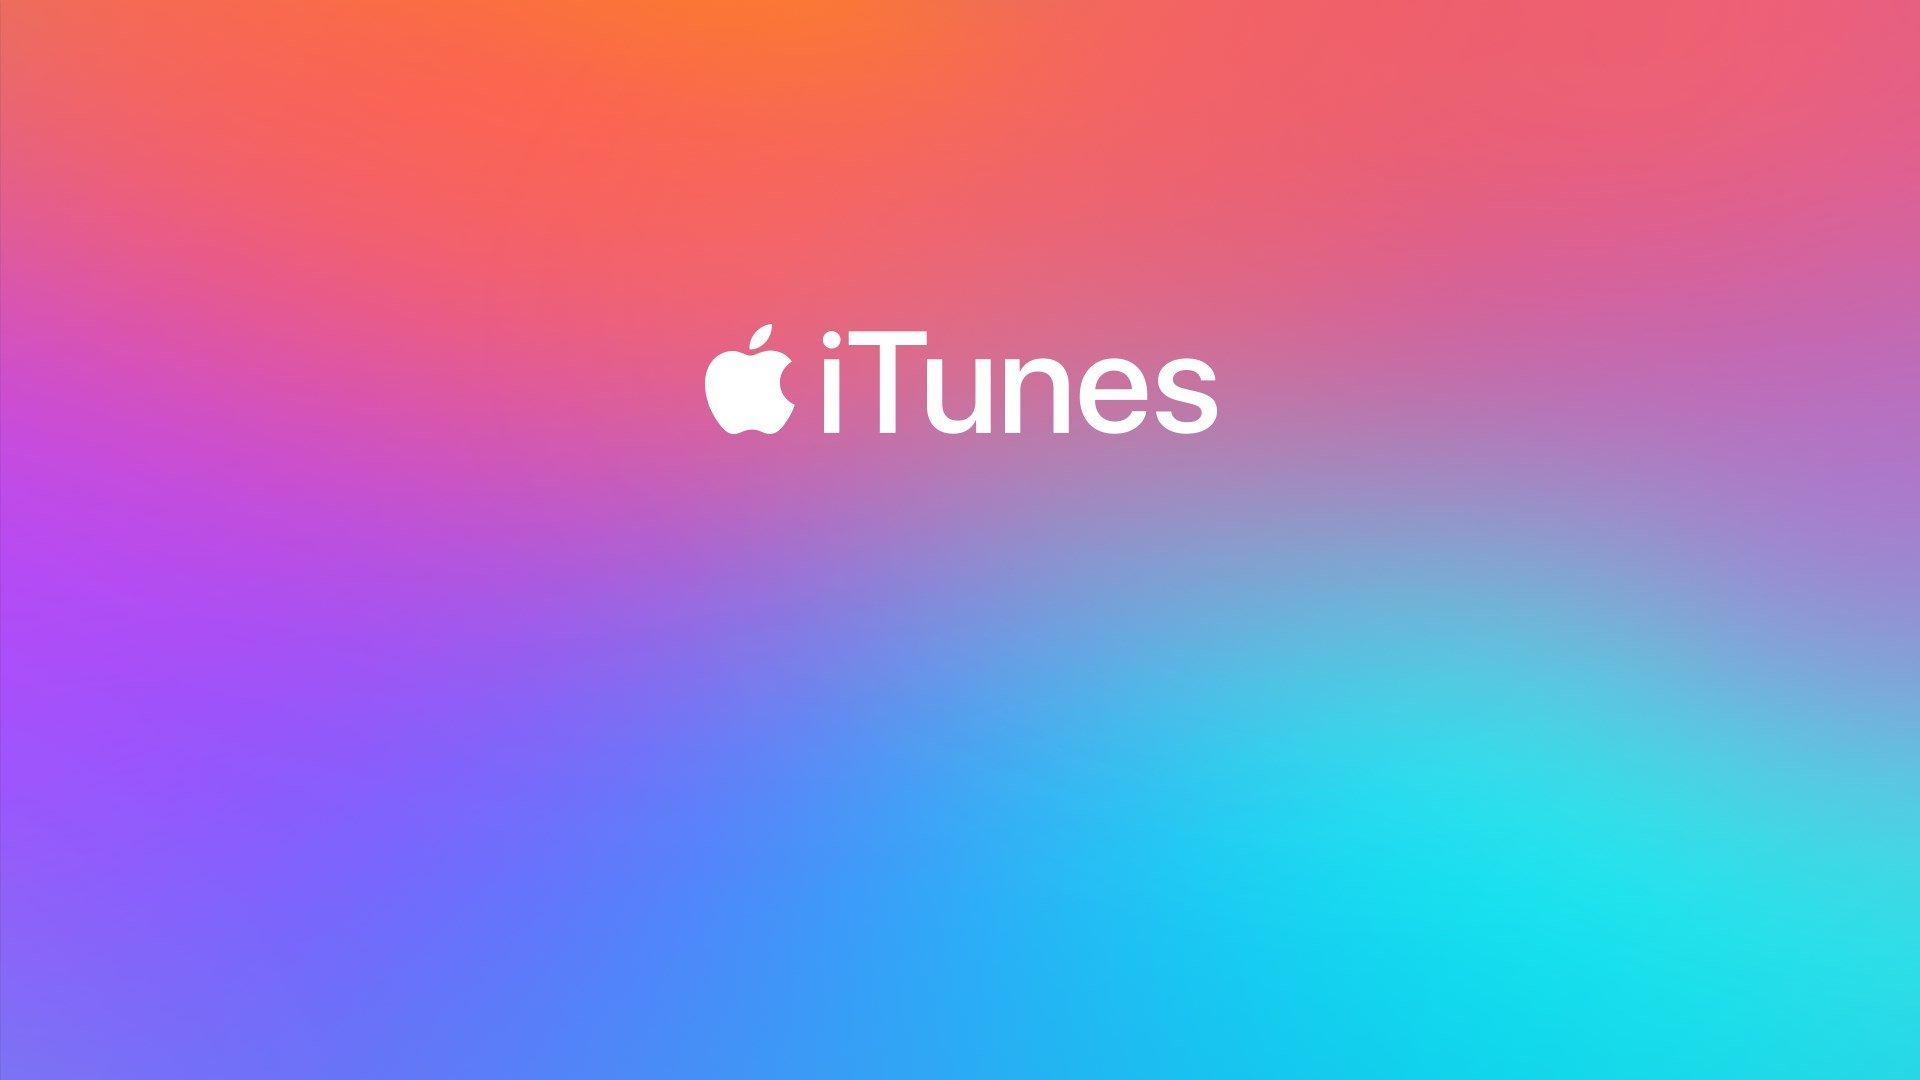 Apple sur le point de cesser iTunes pour proposer des applications séparées